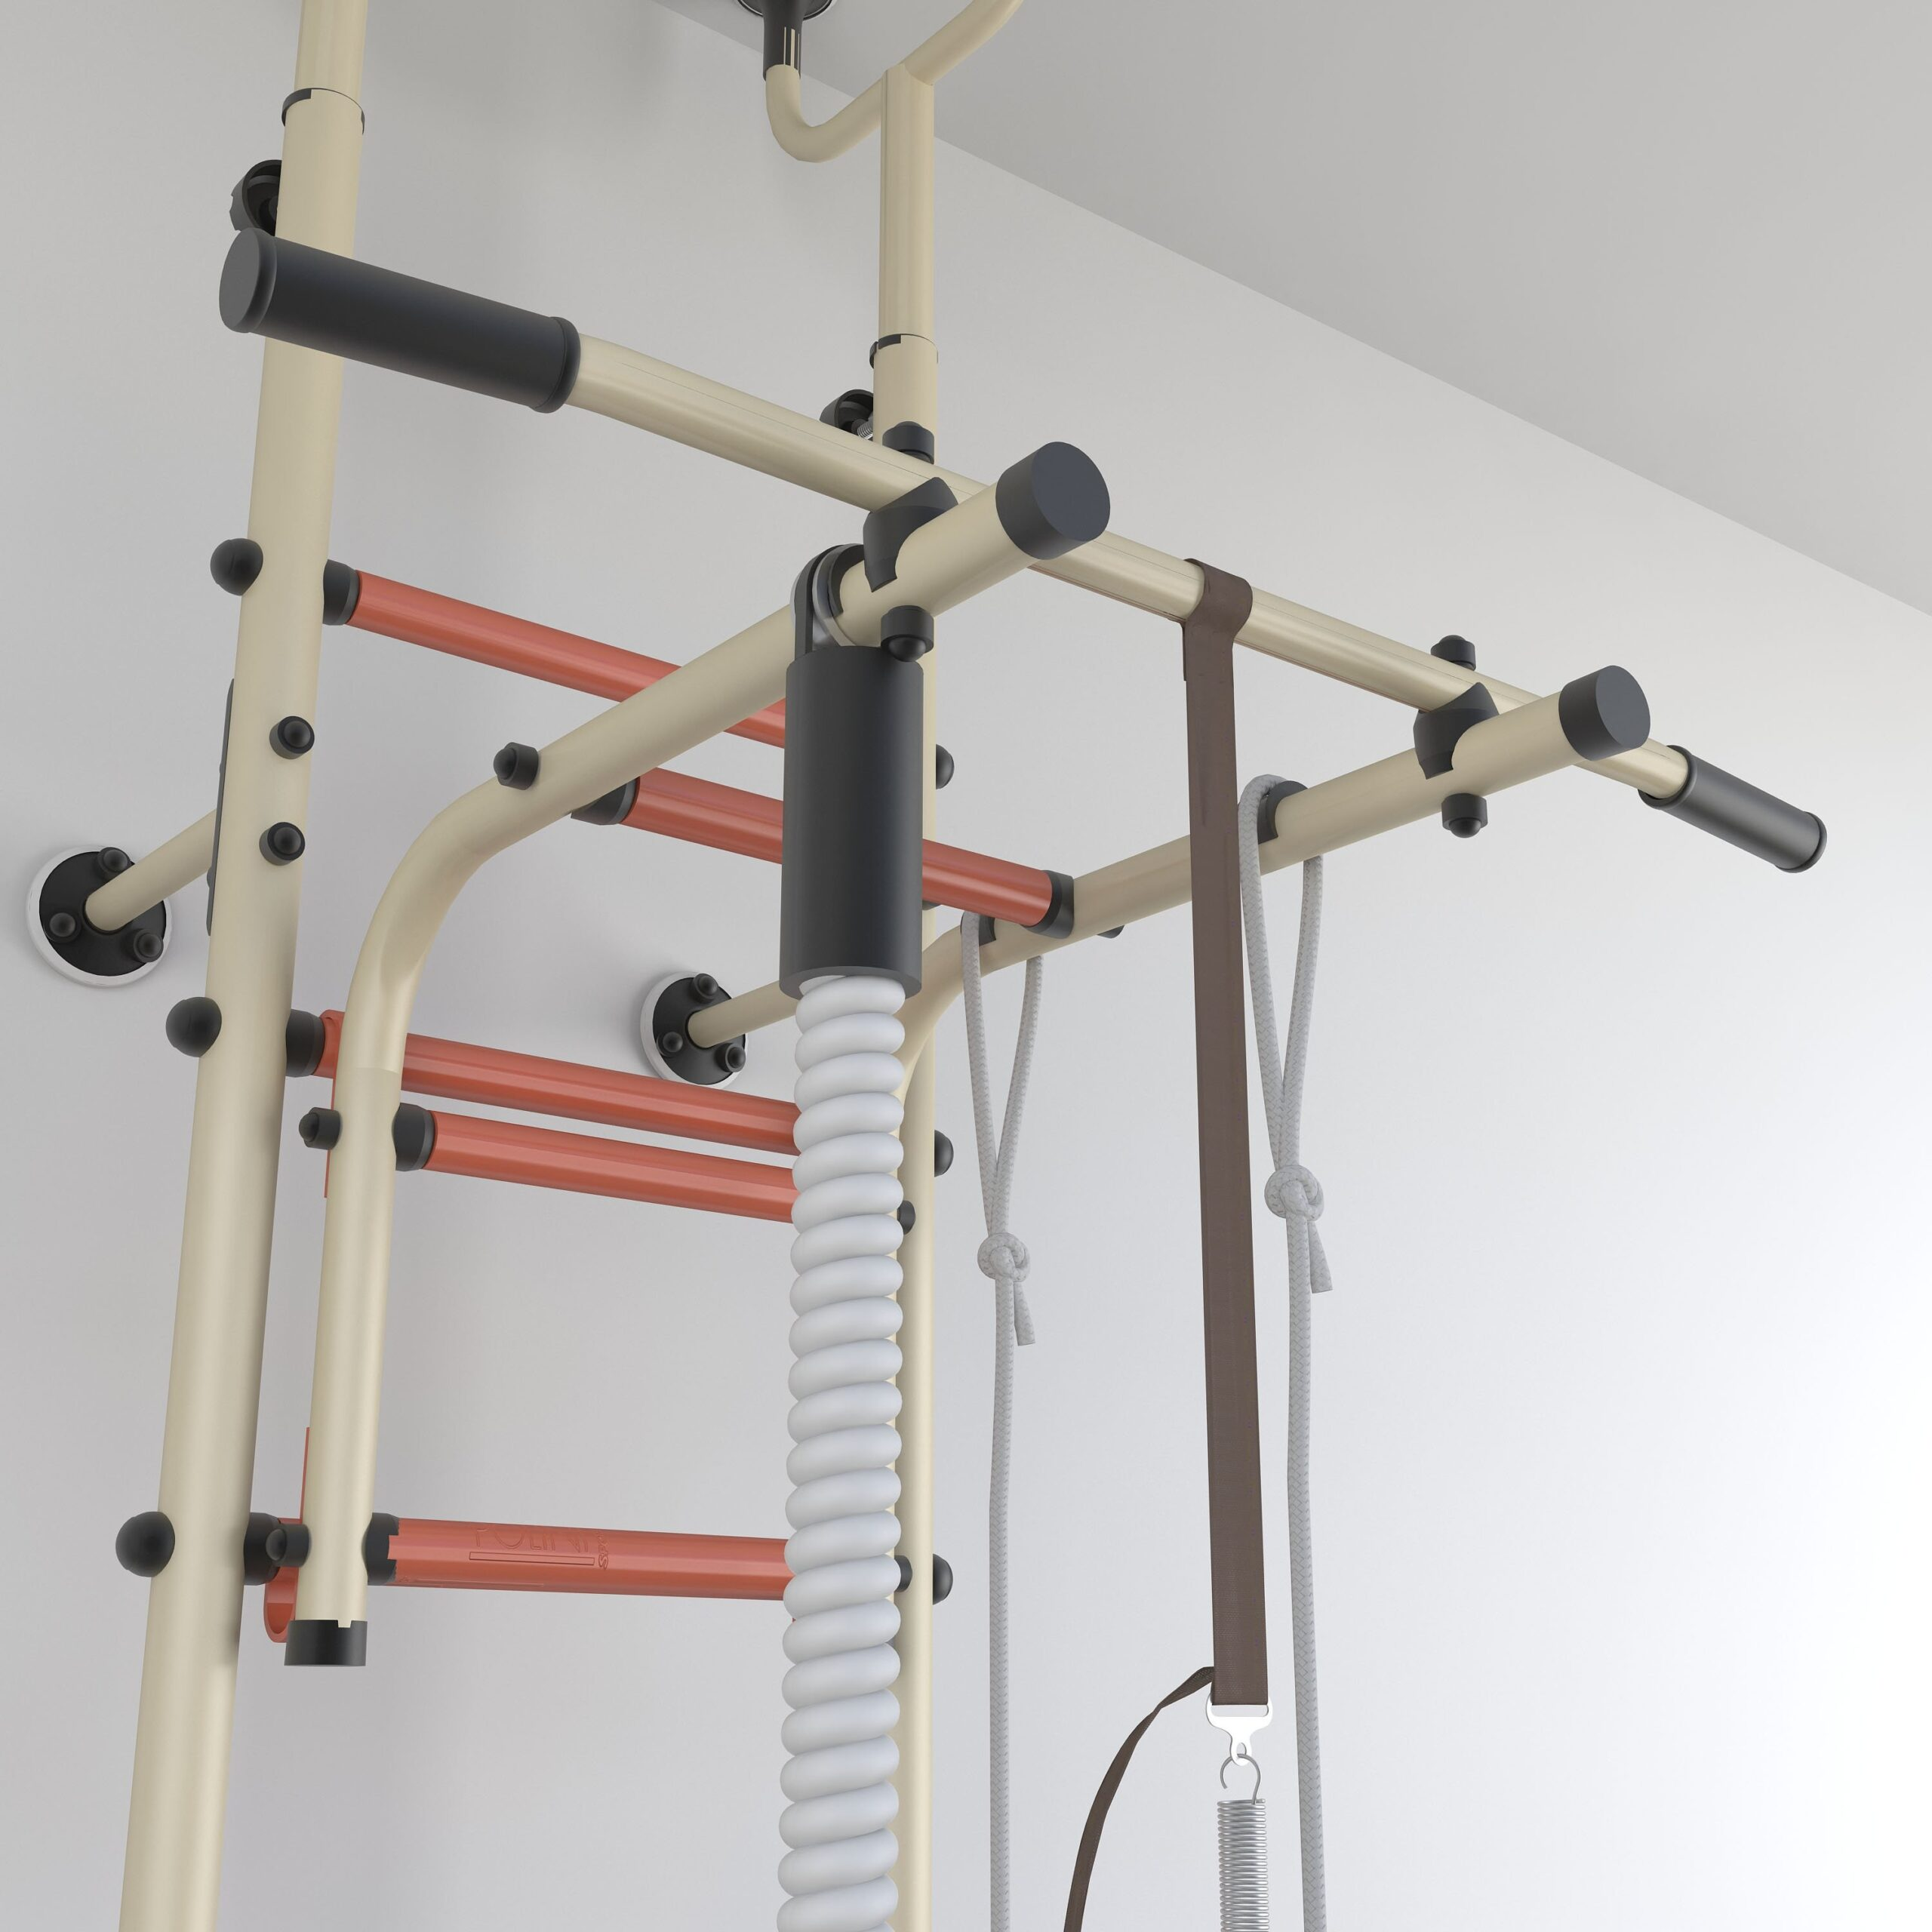 Full Size of Sprossenwand Kinderzimmer Klettergerst Polini Sport Active Kombihalterung Gelb Regal Regale Weiß Sofa Kinderzimmer Sprossenwand Kinderzimmer